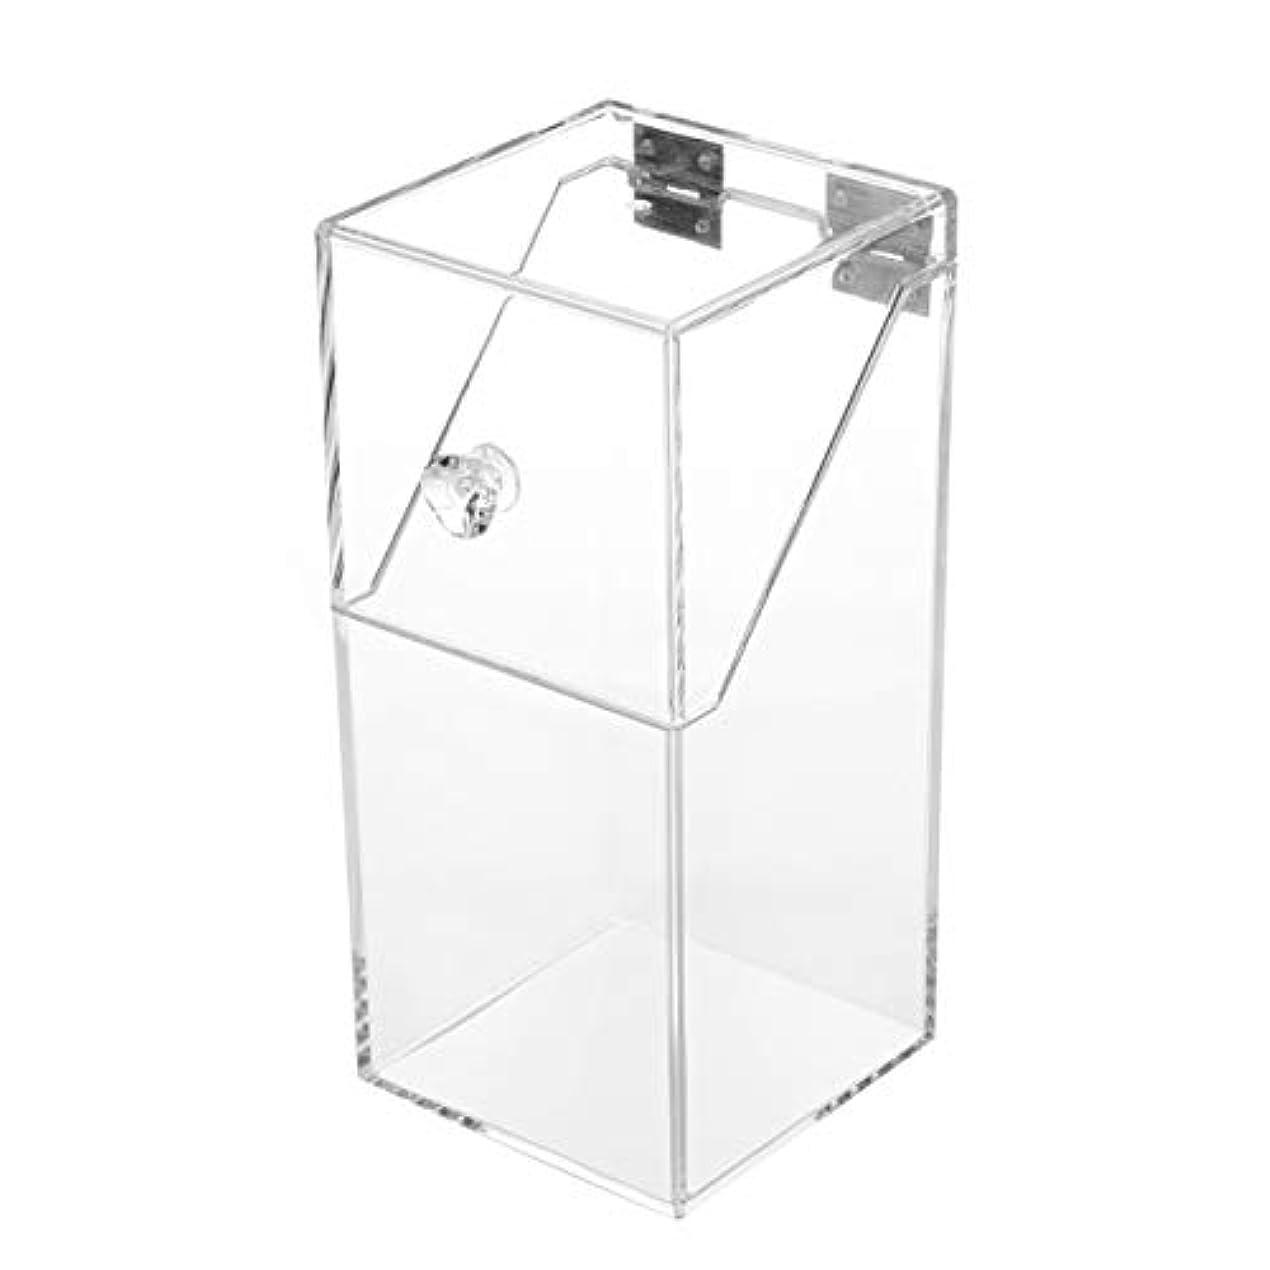 木製粉砕する事業内容Saikogoods 透明アクリルメイクアレンジストレージボックスシンプルなデザイン透明卓上化粧ブラシホルダーオーガナイザーケース トランスペアレント L